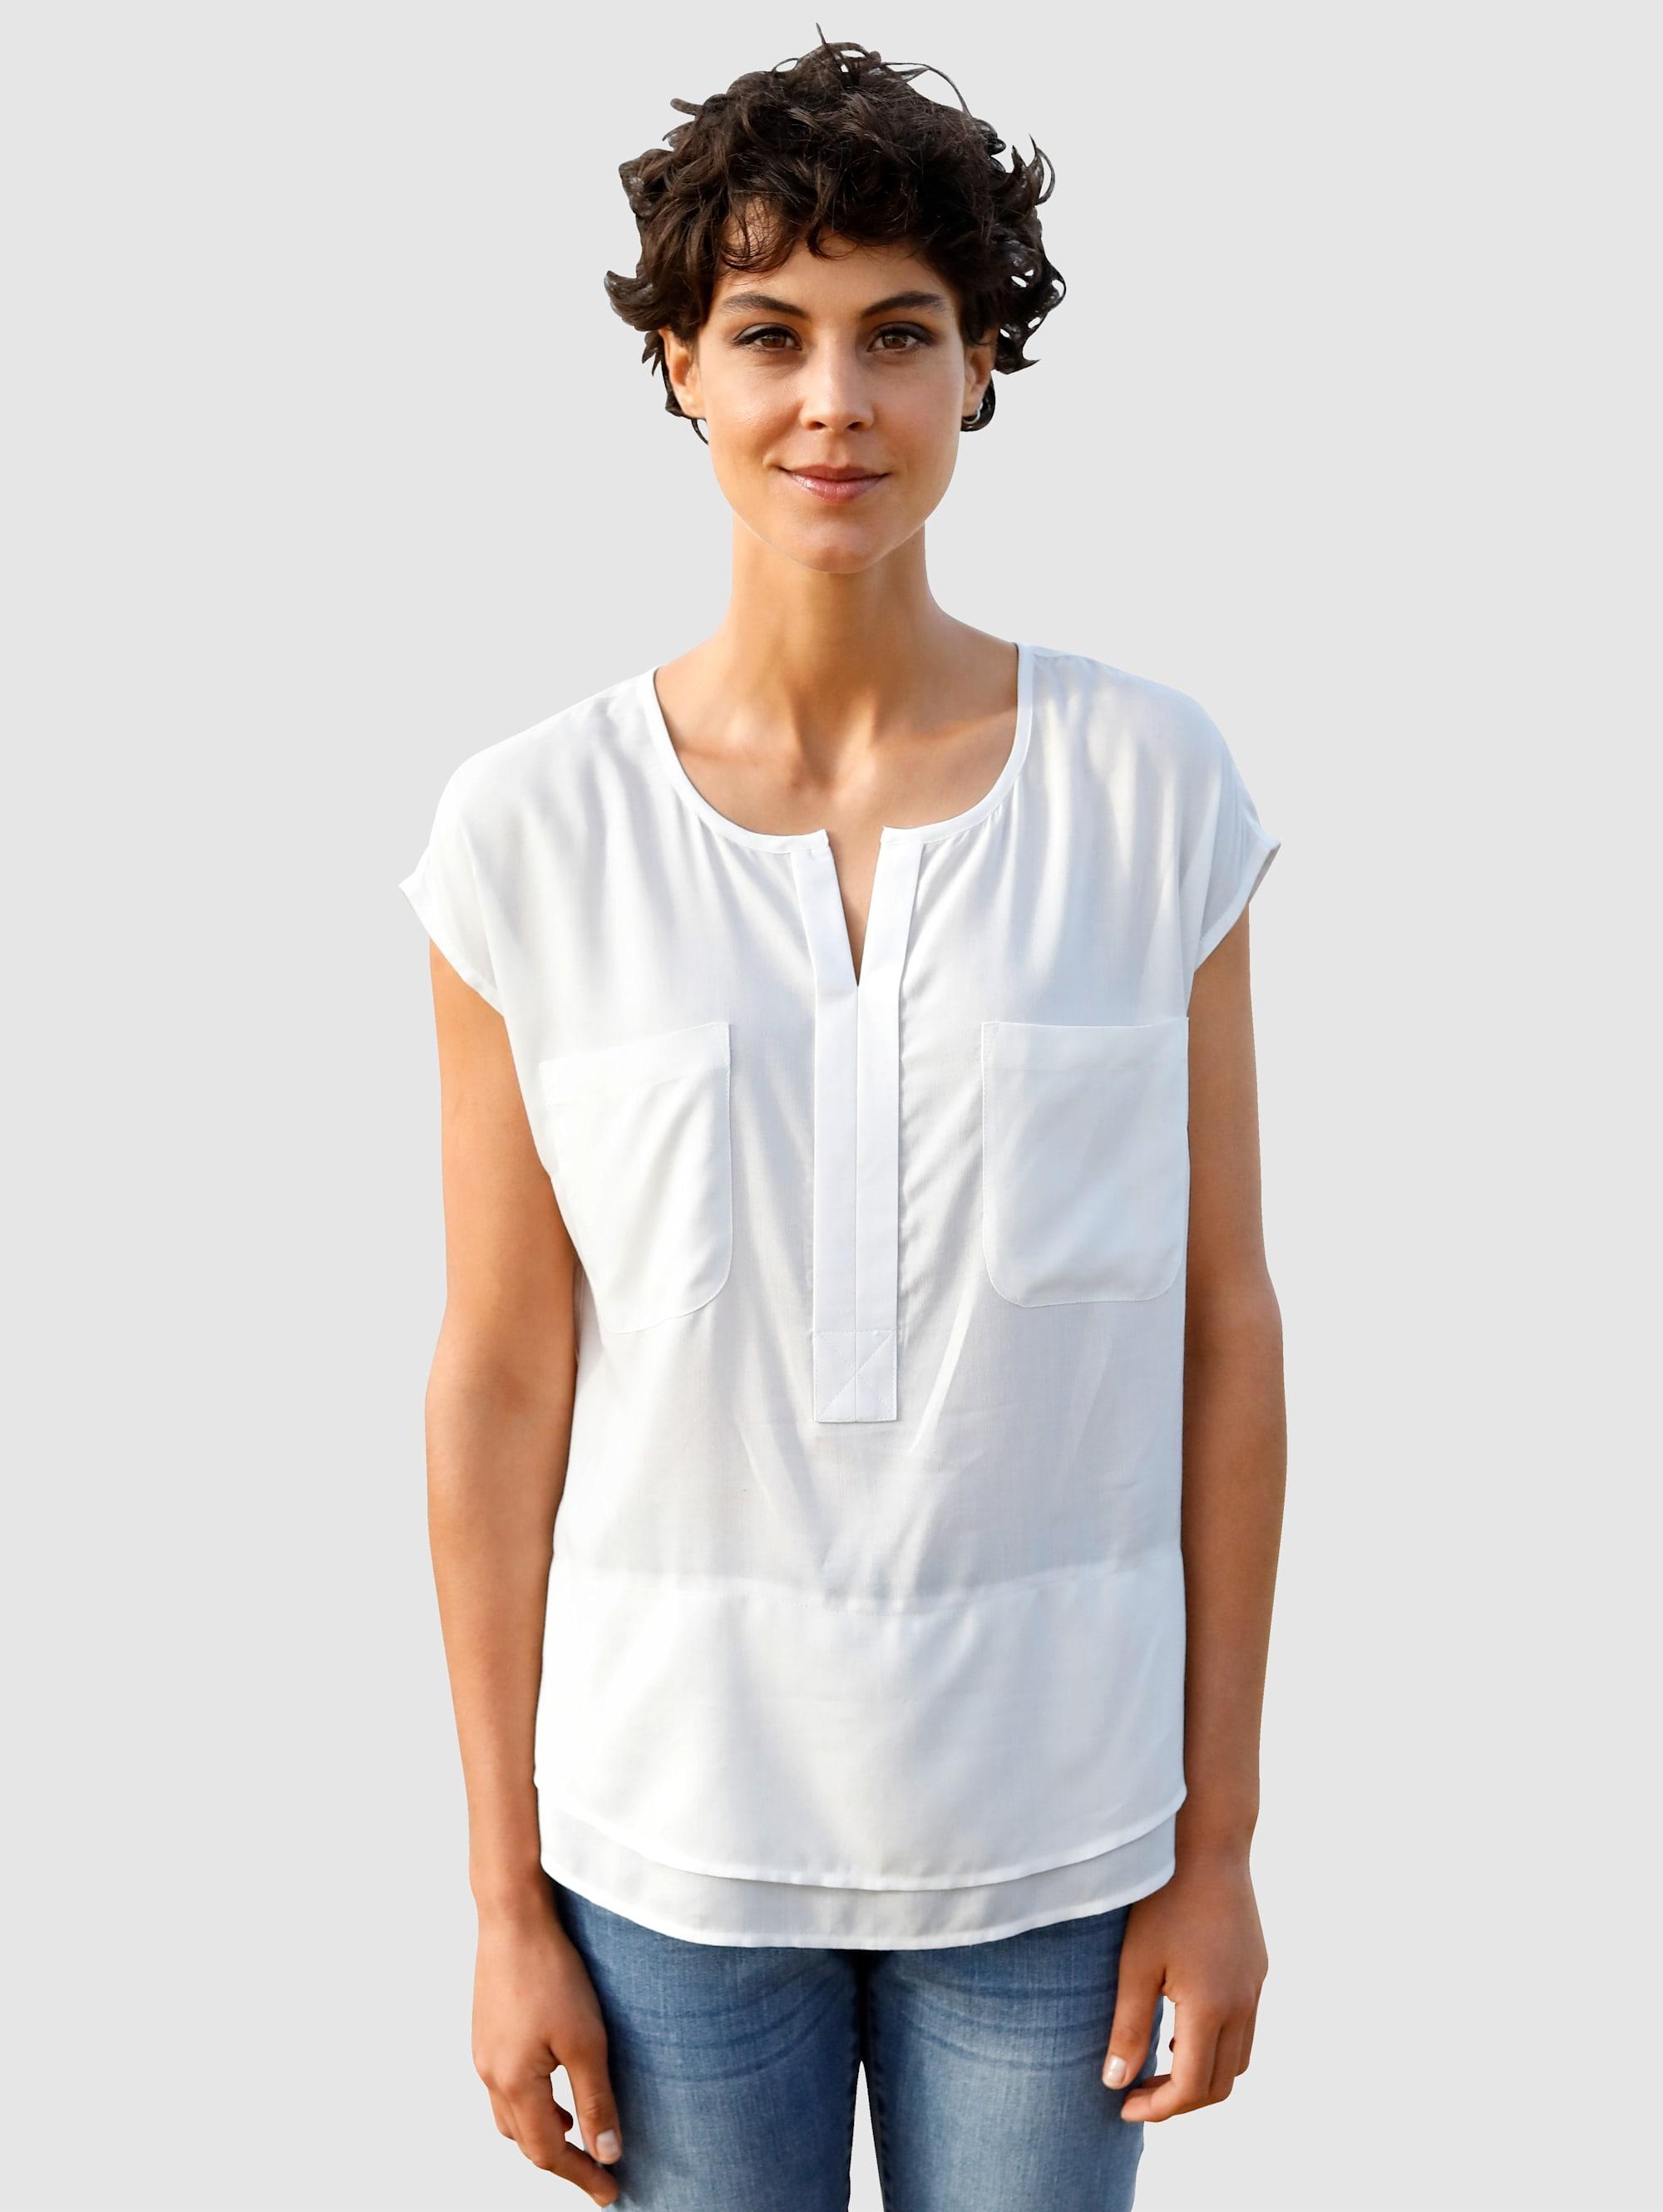 dress in -  Shirtbluse, in fließender Qualität